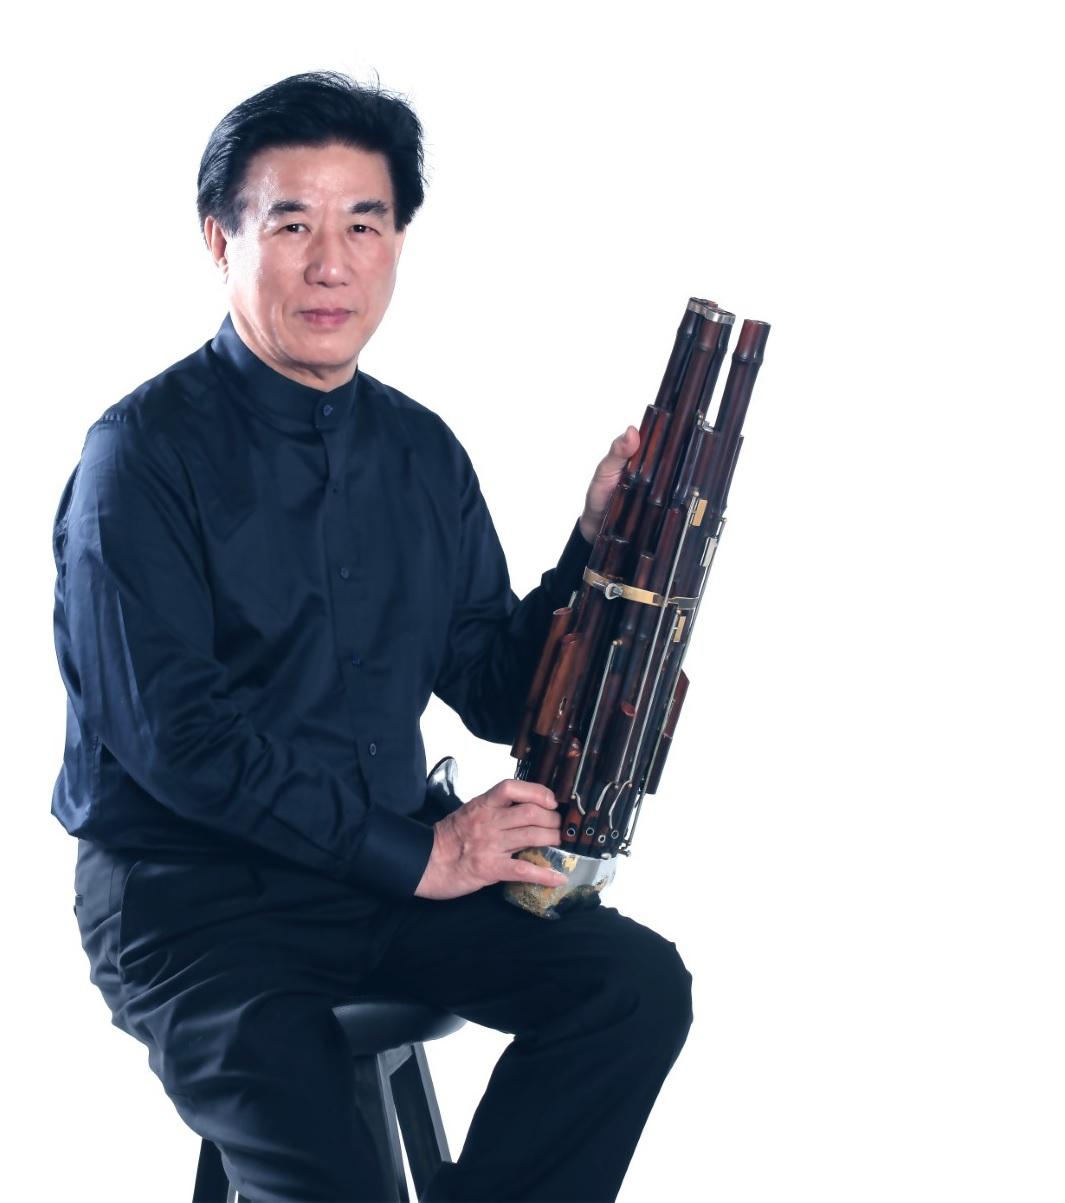 著名中国国家一级笙演奏家翁镇发: